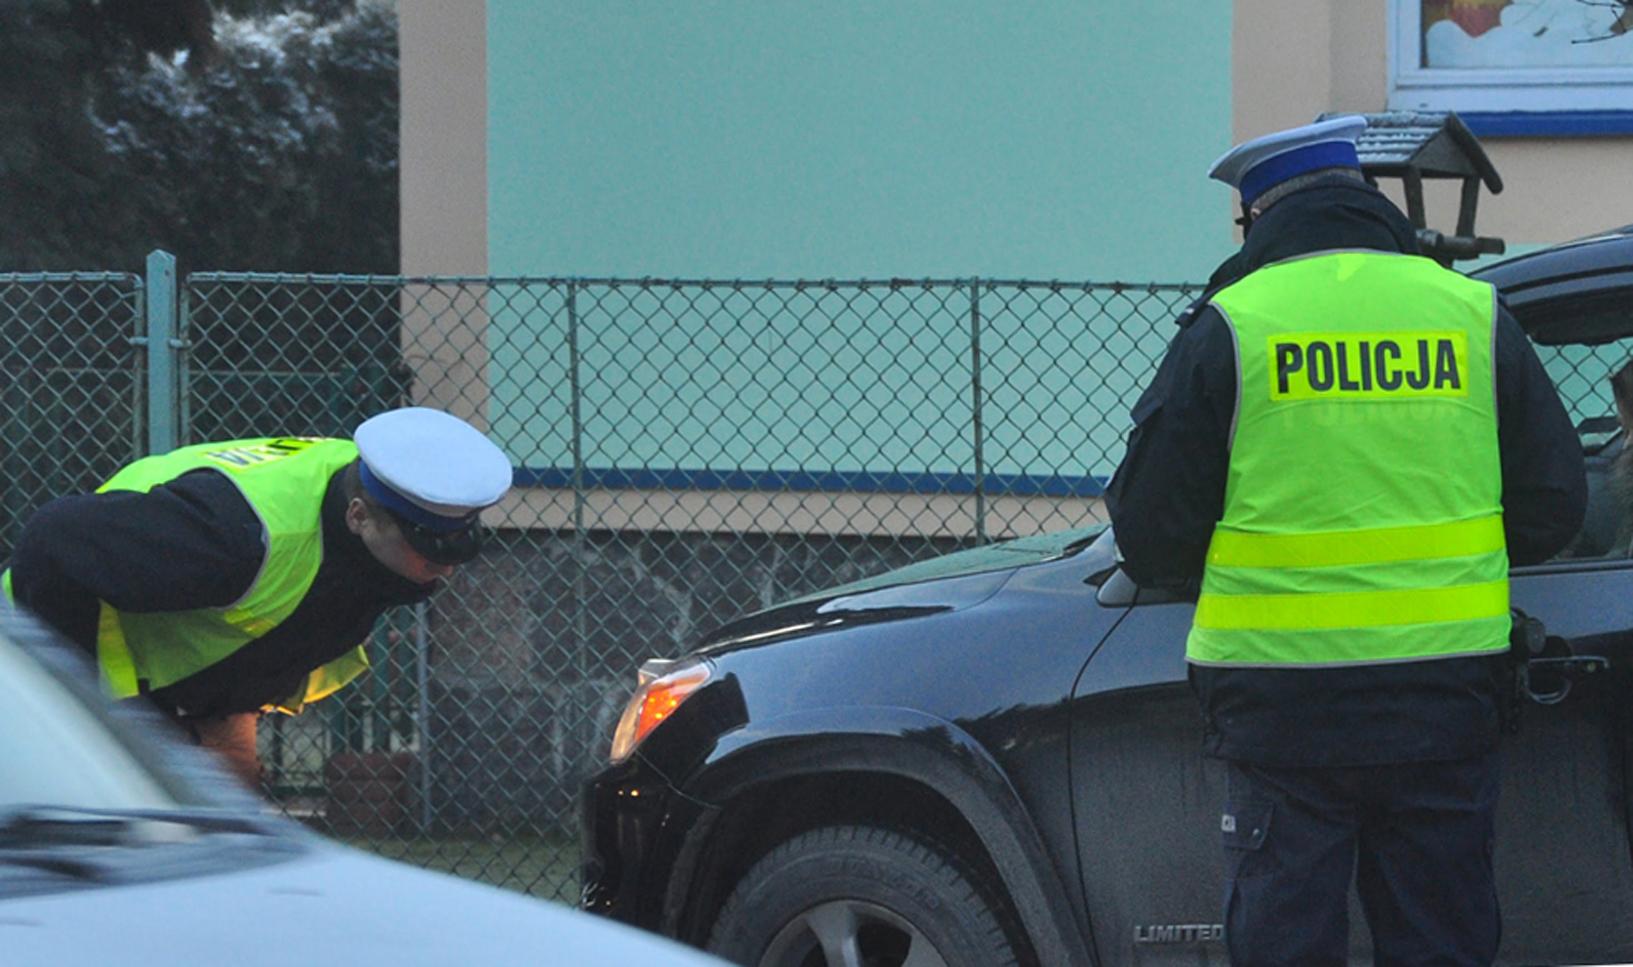 4 kolizje w ciągu 3 dni. Interwencje kolbuszowskiej policji - Zdjęcie główne